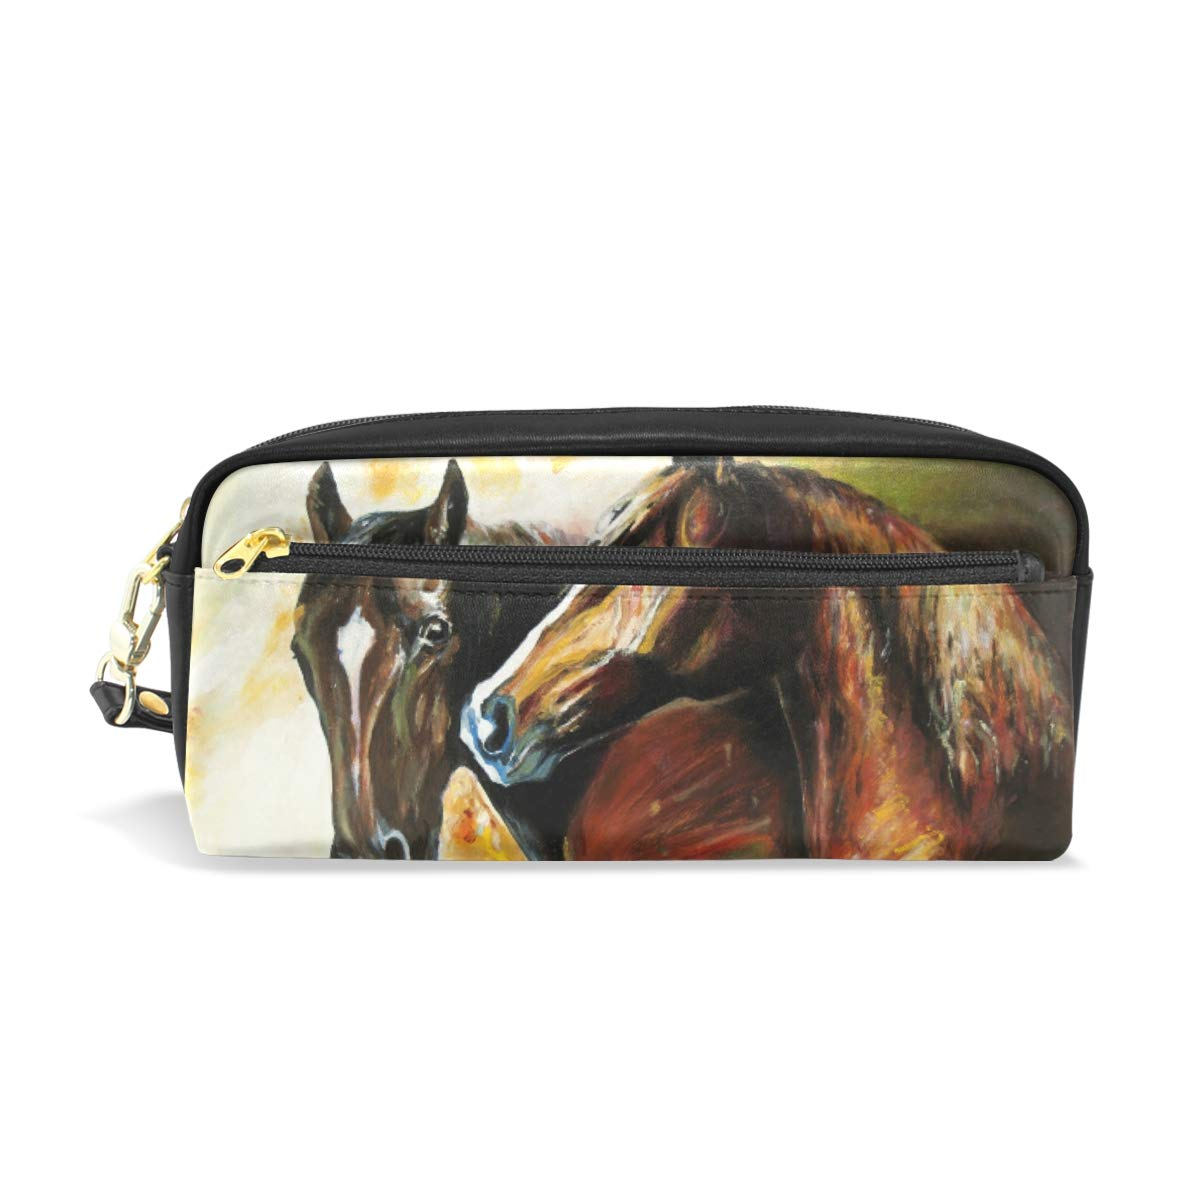 Estuche para lápices con diseño de caballos de pintura al óleo, bolsa para artículos de papelería escolar, bolsa de maquillaje para viajes: Amazon.es: Oficina y papelería